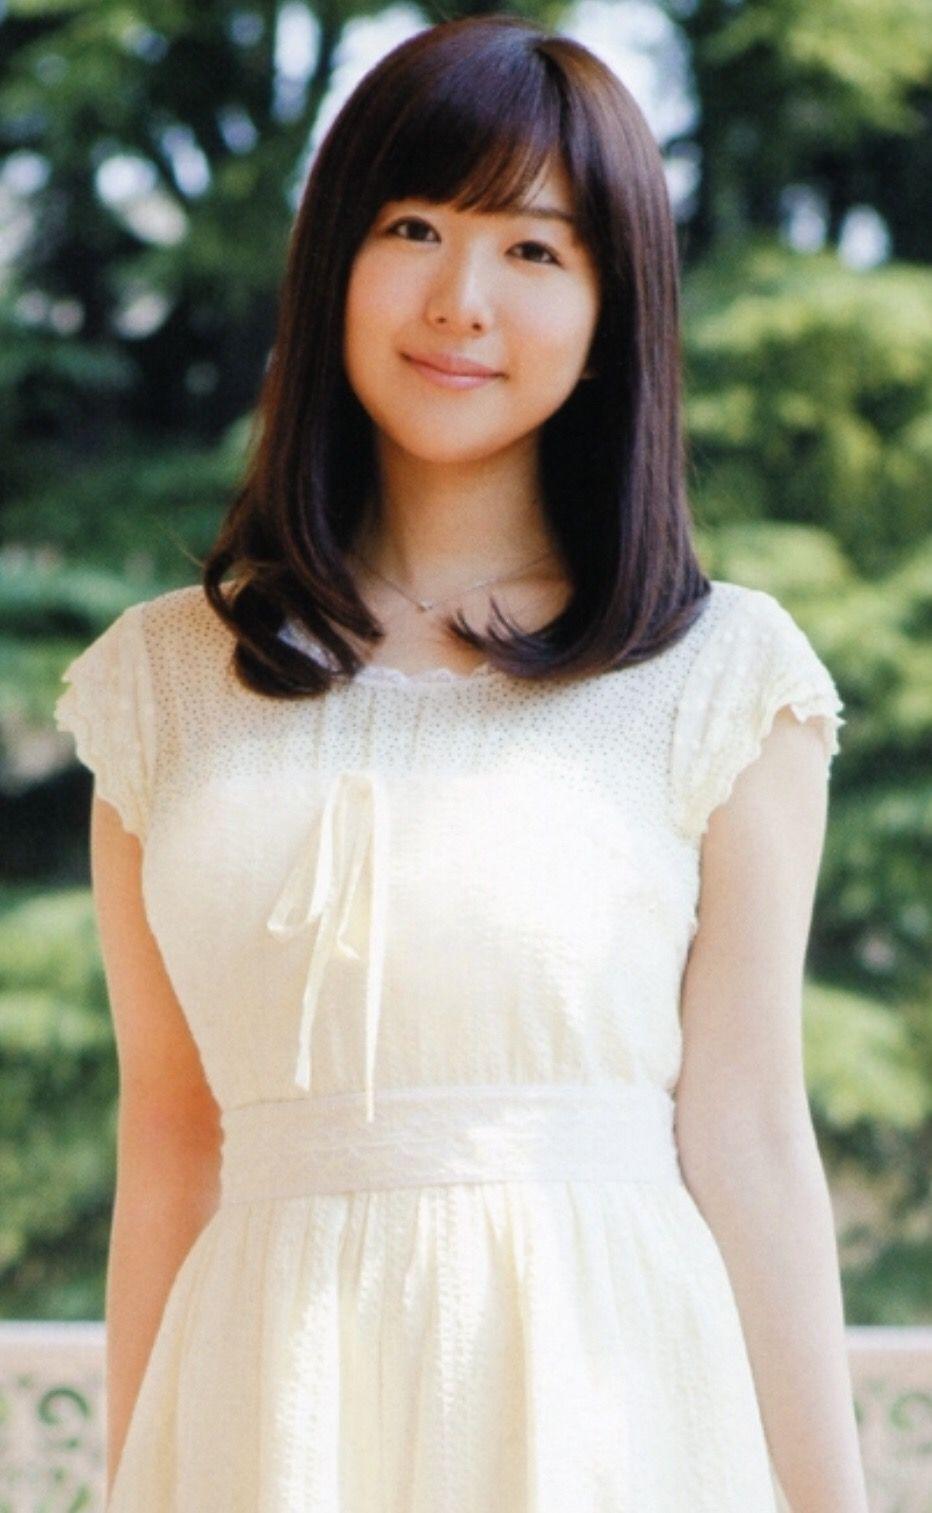 茅野愛衣の画像 p1_28